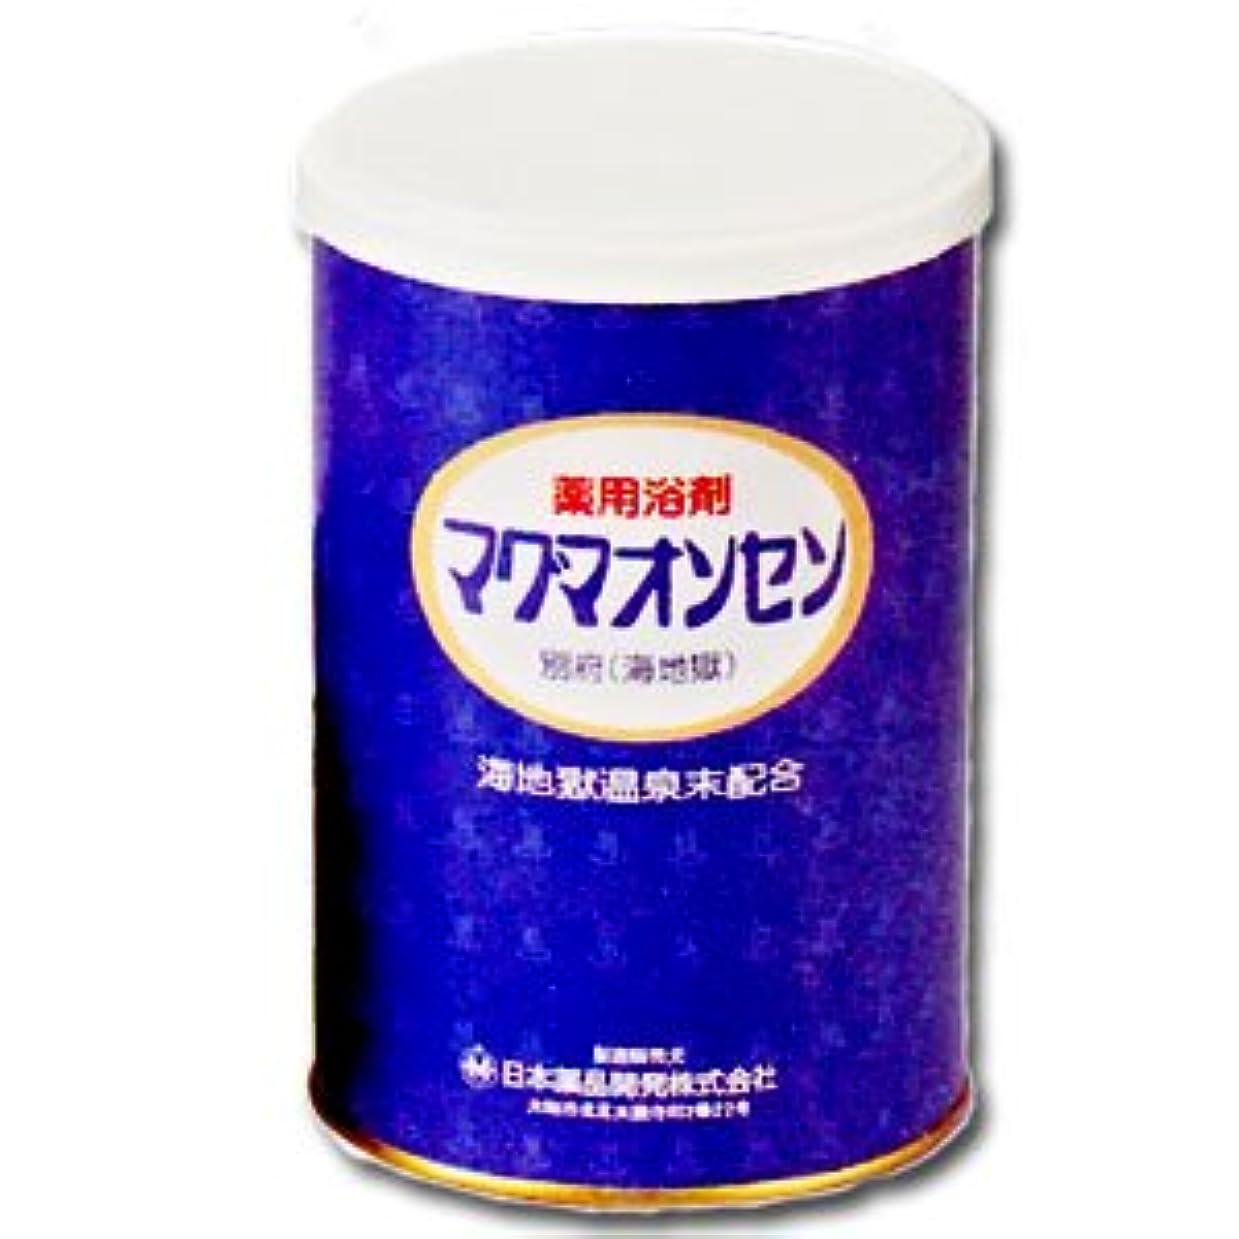 軽減発表グローブ薬用入浴剤 マグマオンセン(医薬部外品)500g